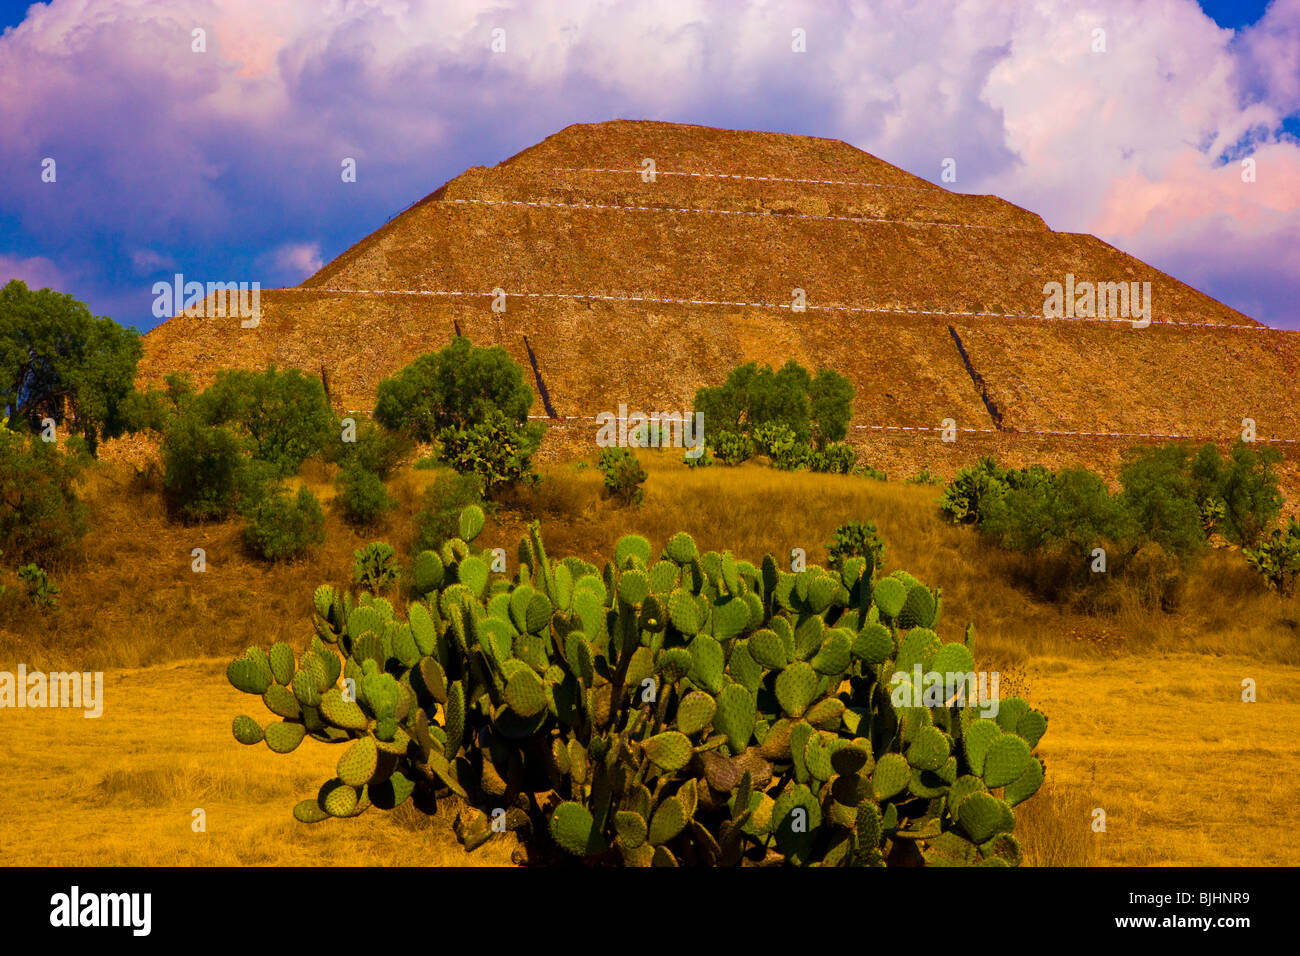 Temple du Soleil, Teotihuacan, pyramide, au Mexique, plus de 70 mètres de haut, plus grande pyramide, Aztec Photo Stock